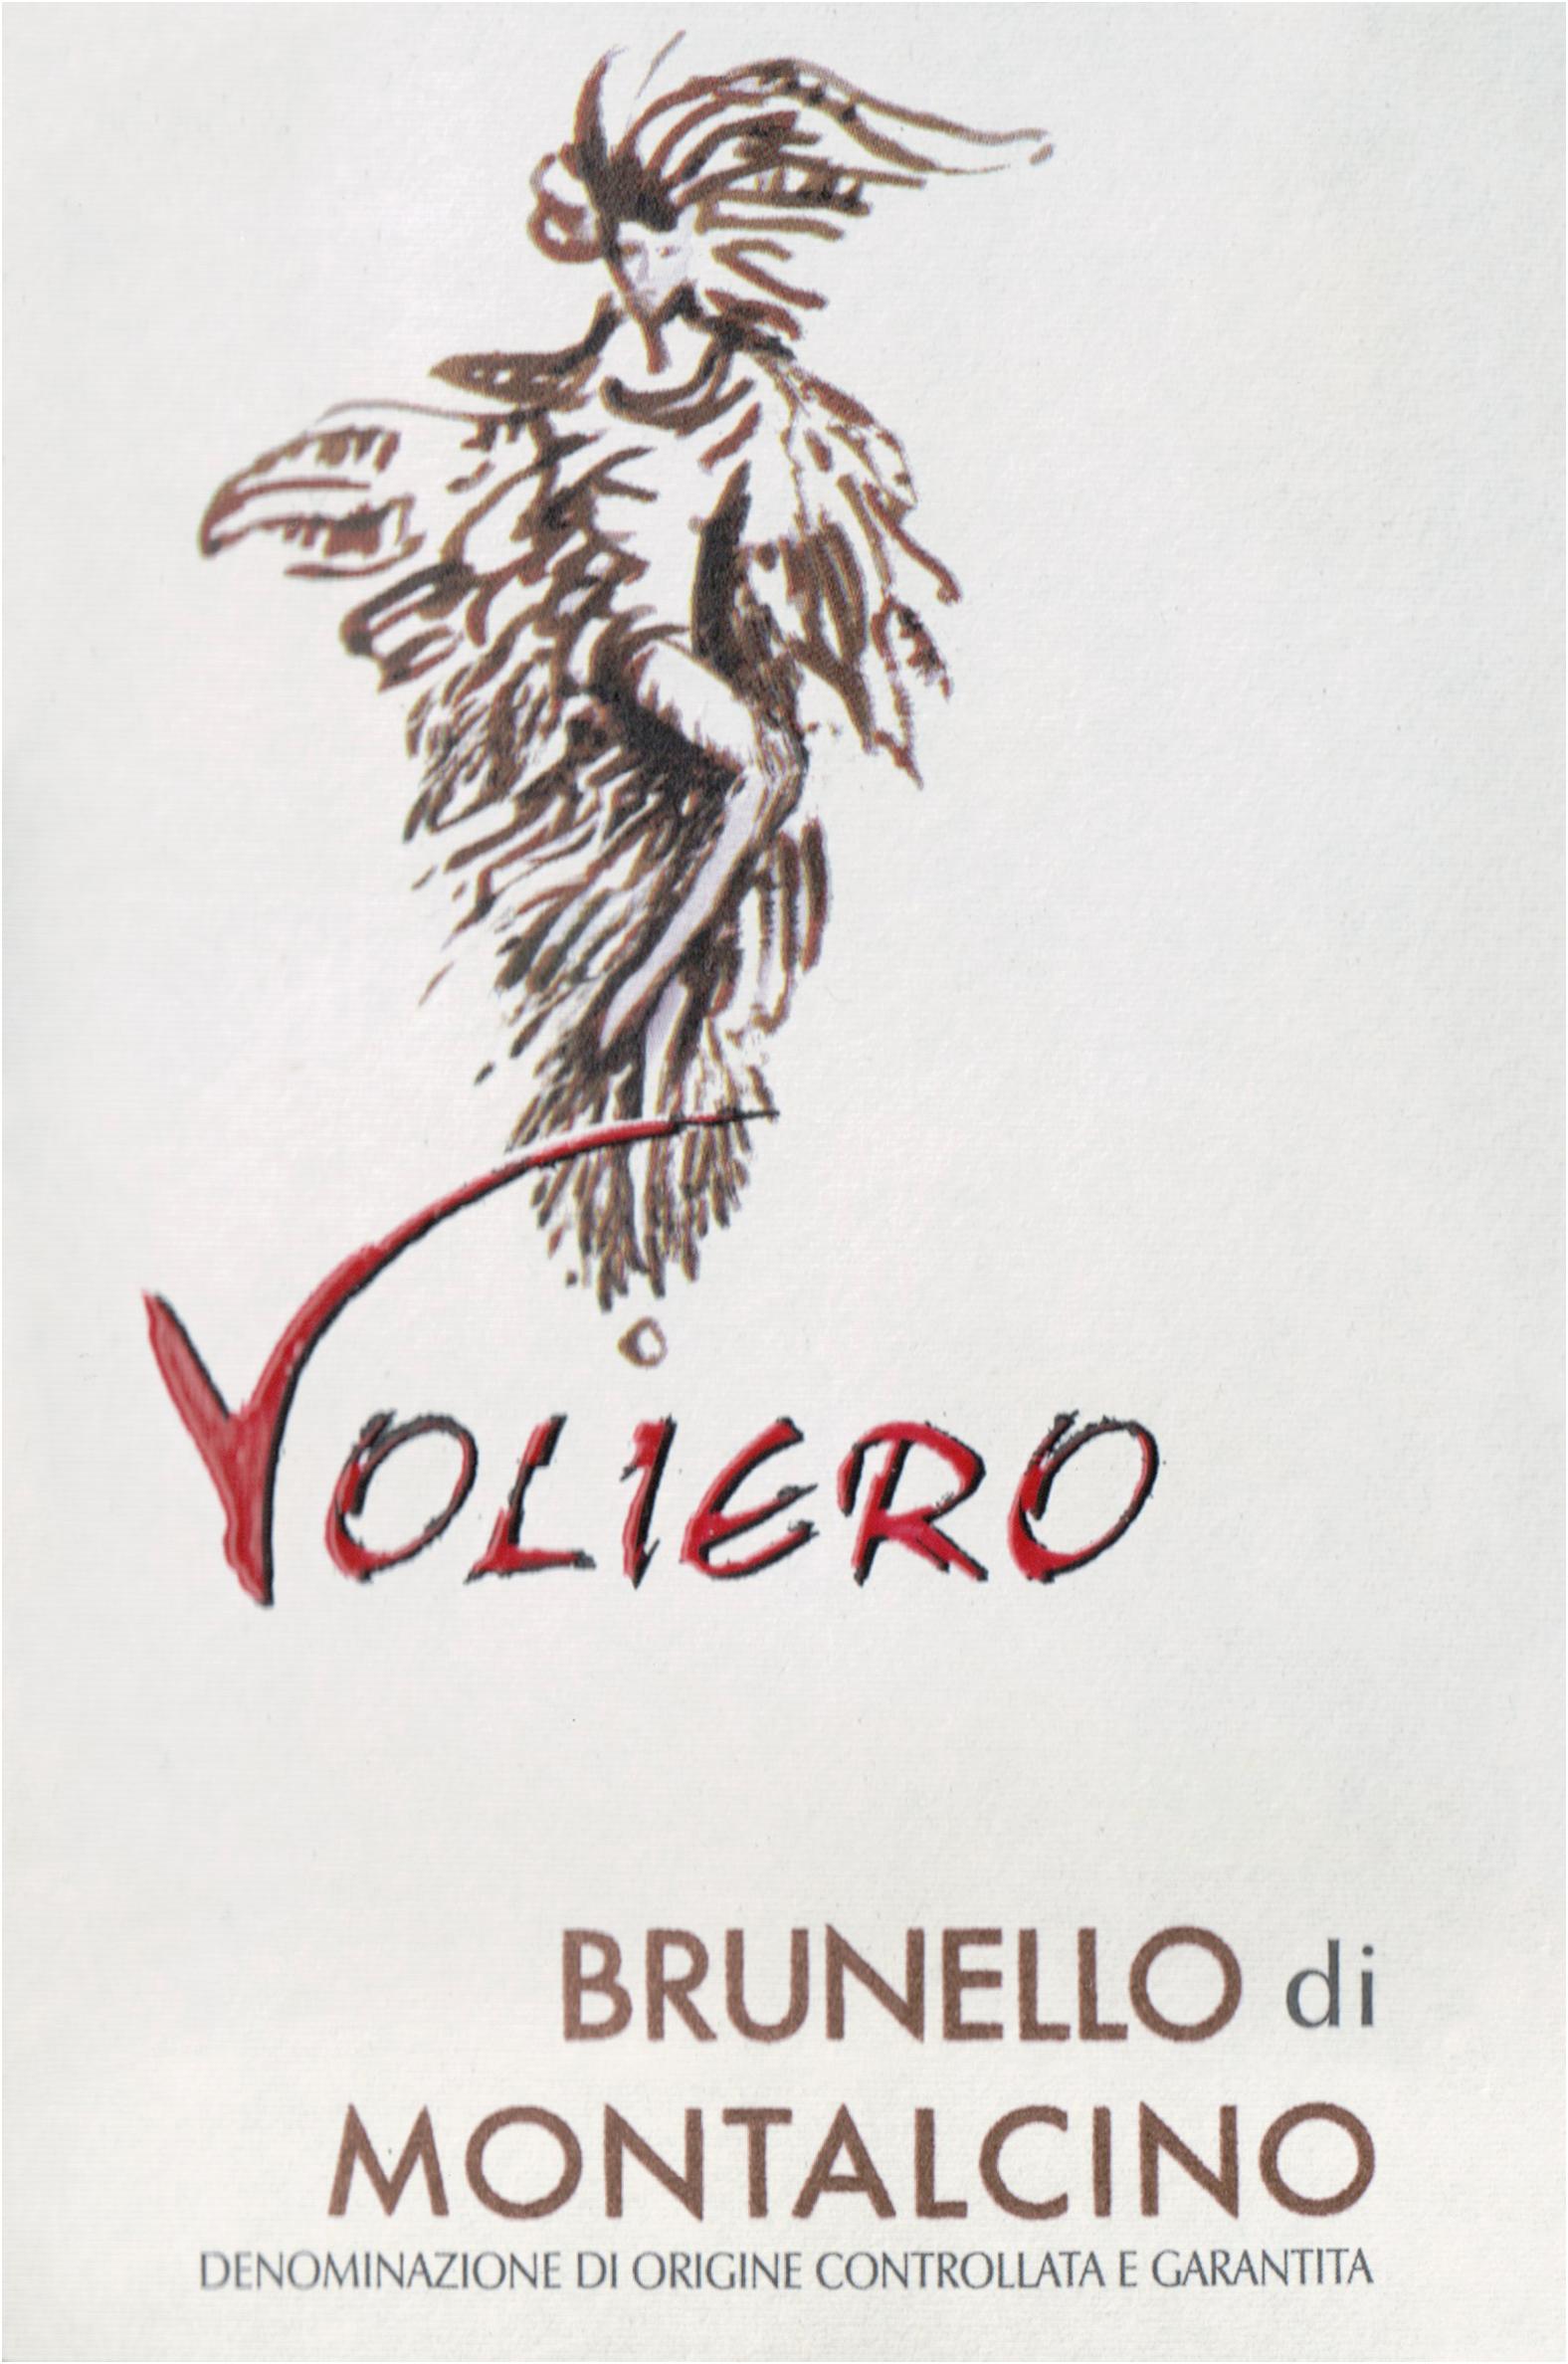 Voliero Brunello Di Montalcino 2015